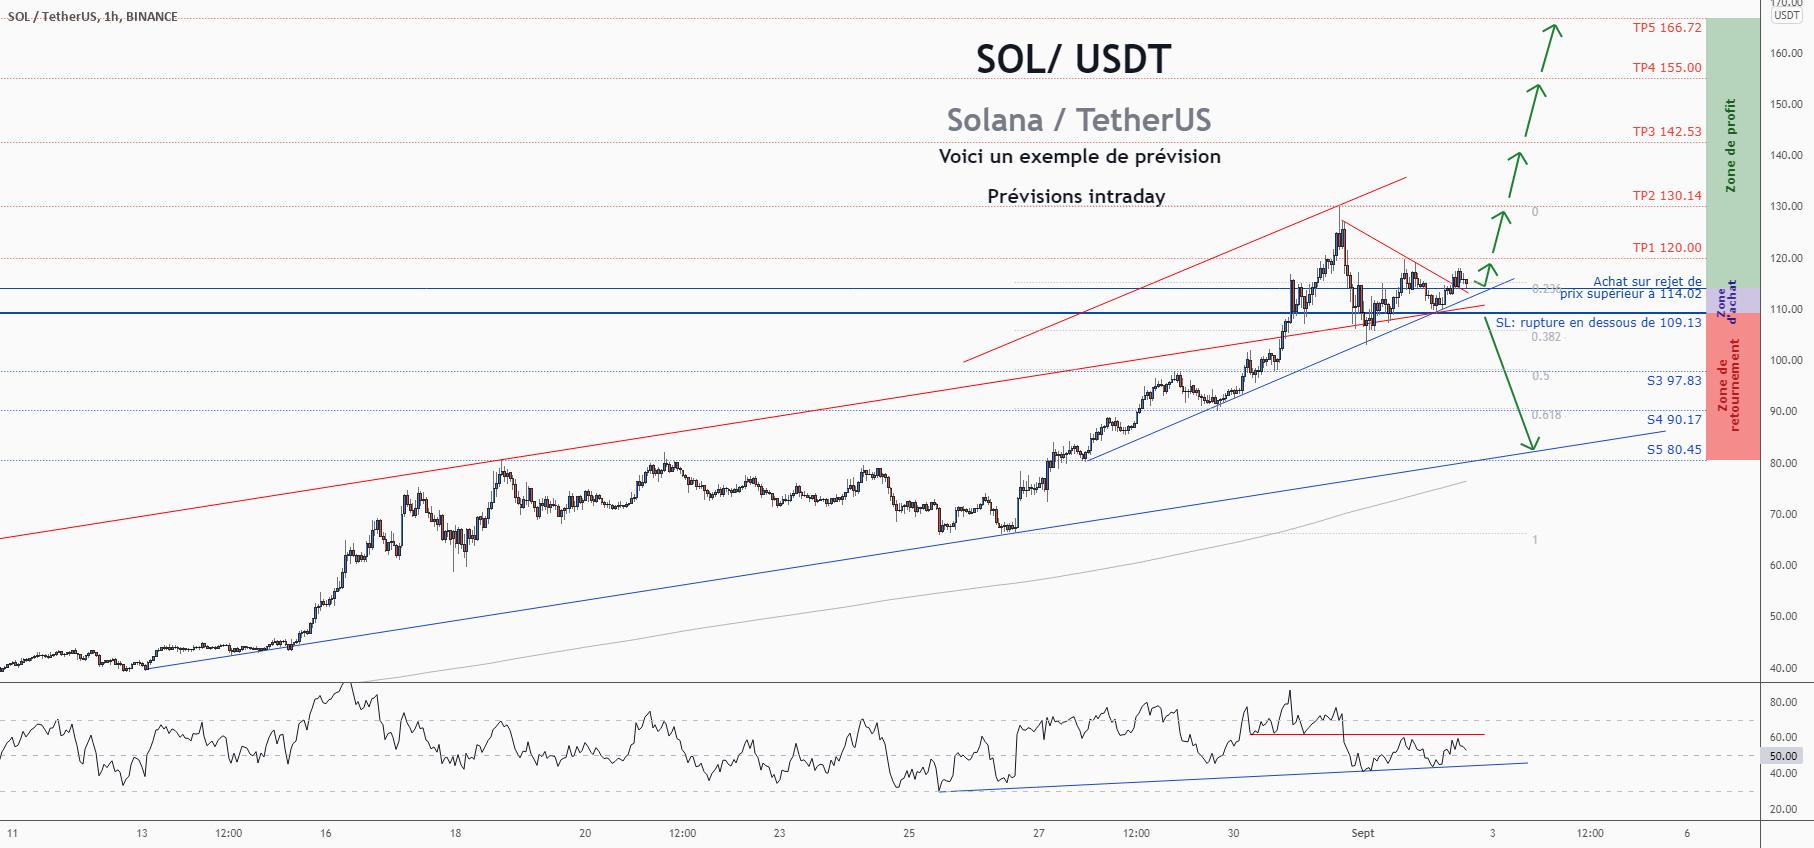 💡Ne manquez pas cette grande opportunité d'achat de SOLUSD pour BINANCE:SOLUSDT par ForecastCity_Francais